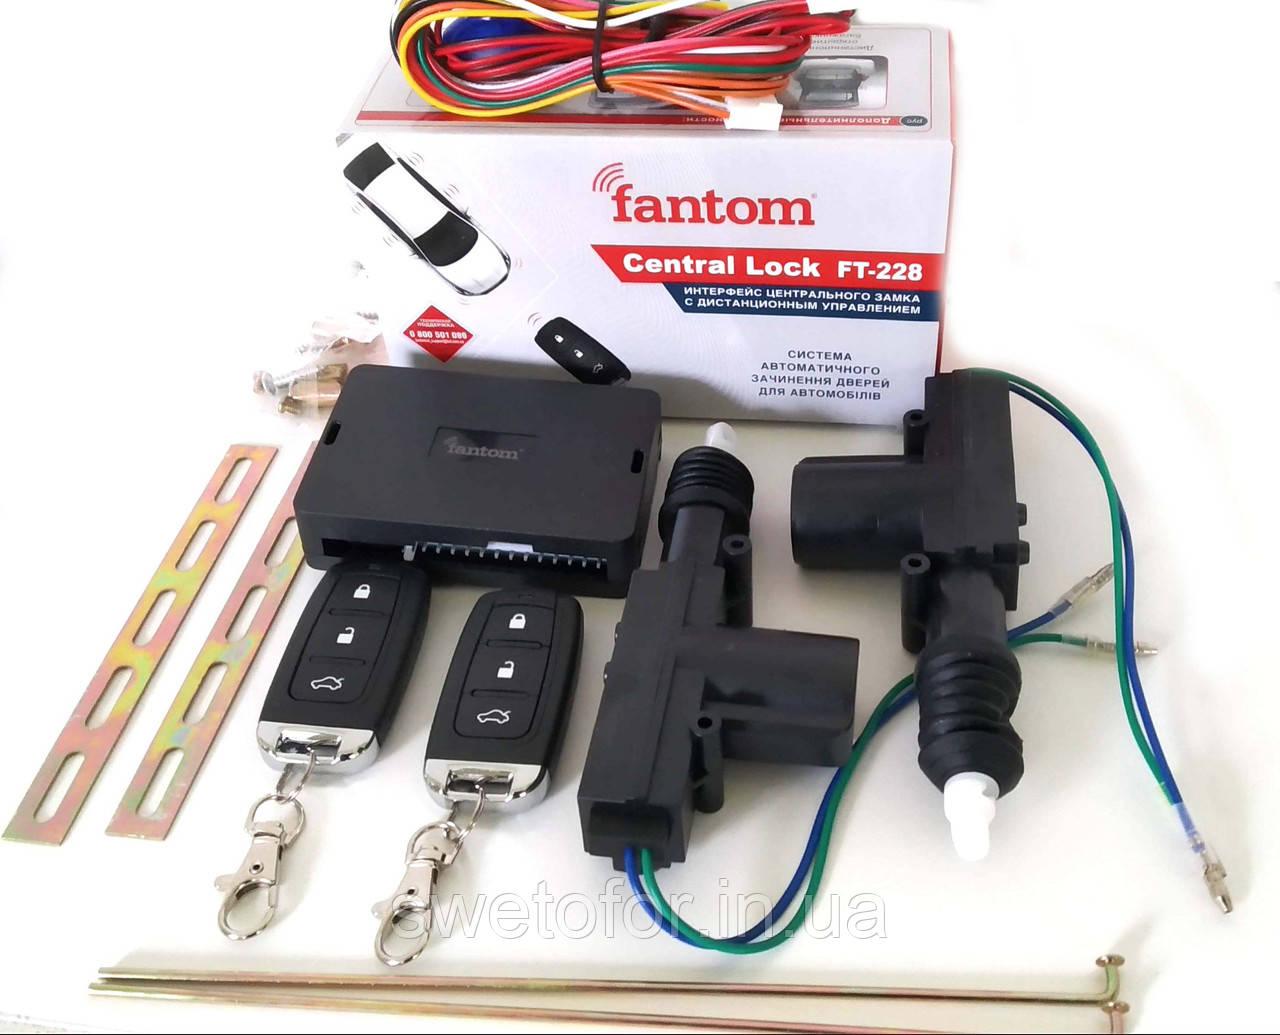 Центральный замок на авто Fantom FT-228 с динстанционным управлением. Функция открытие багажника!